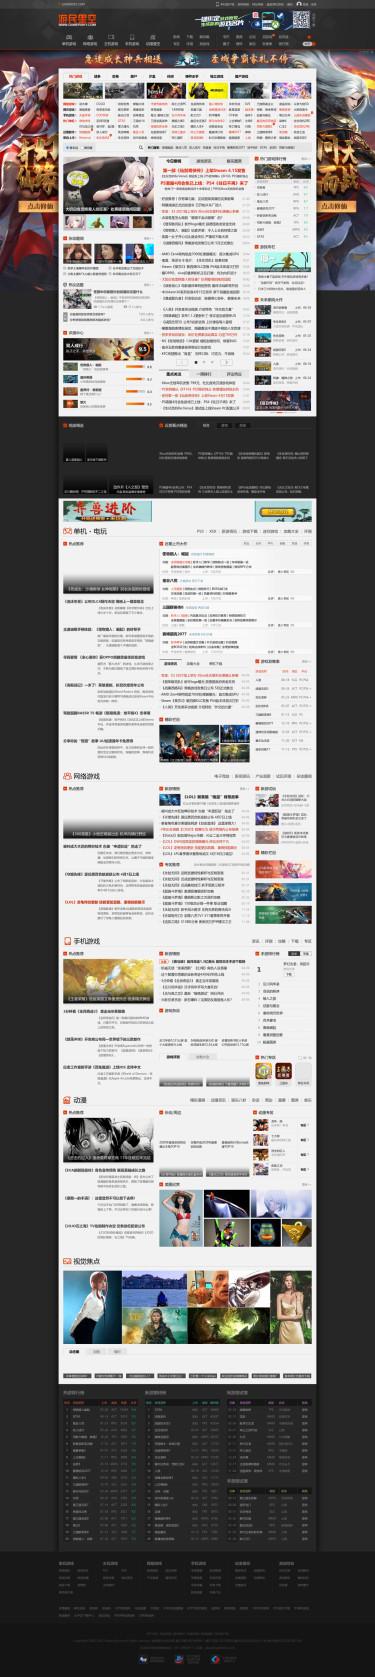 游民星空 - 大型单机游戏媒体